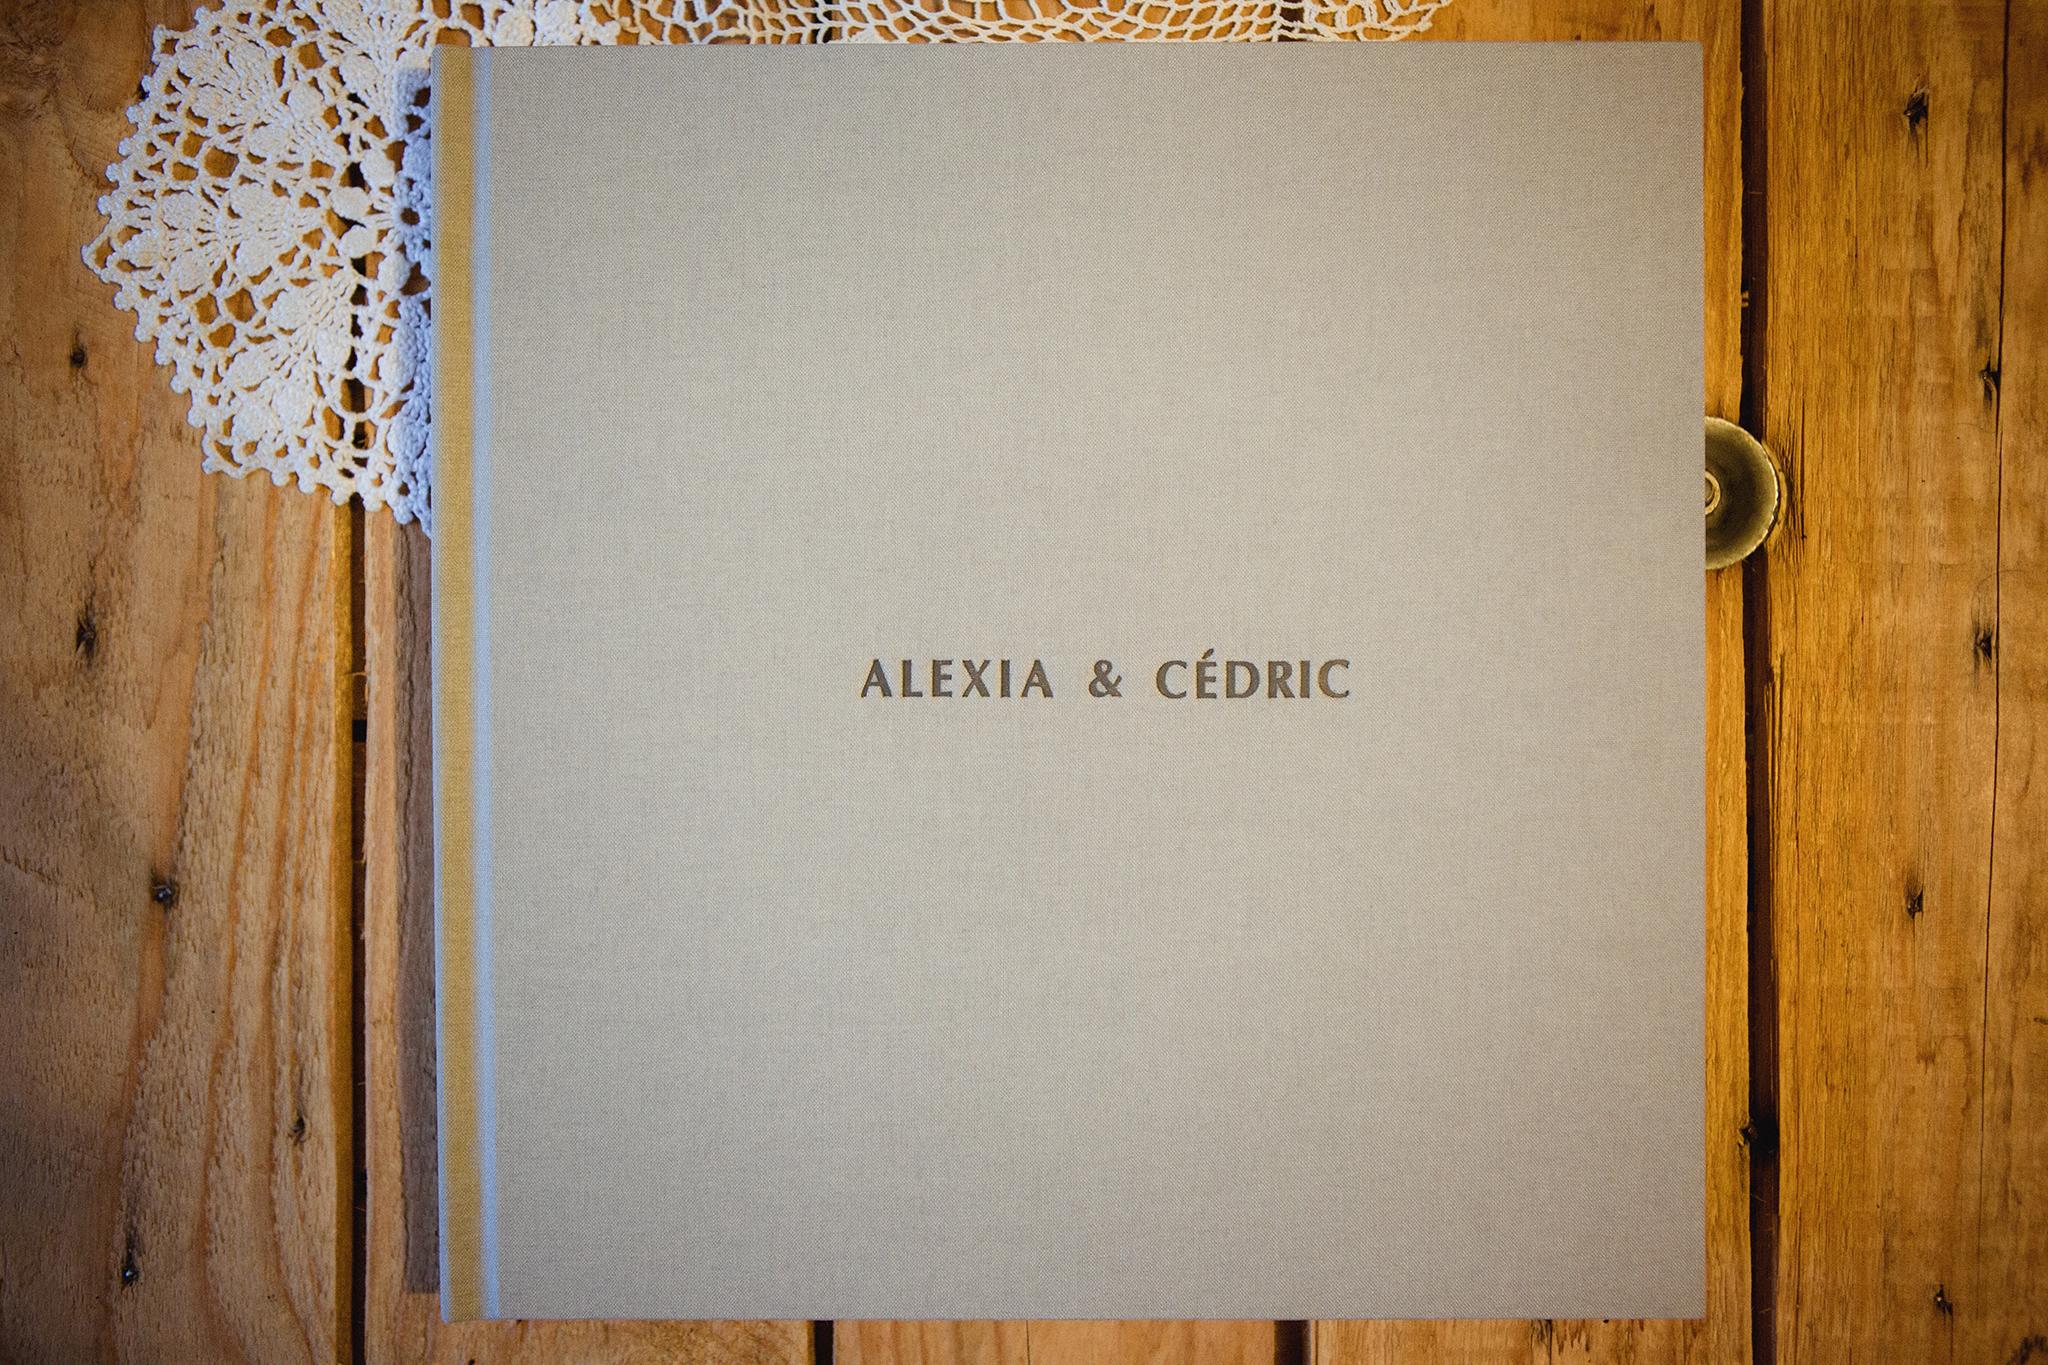 produits les albums photos floriane caux lifestyle funky wedding photographer. Black Bedroom Furniture Sets. Home Design Ideas